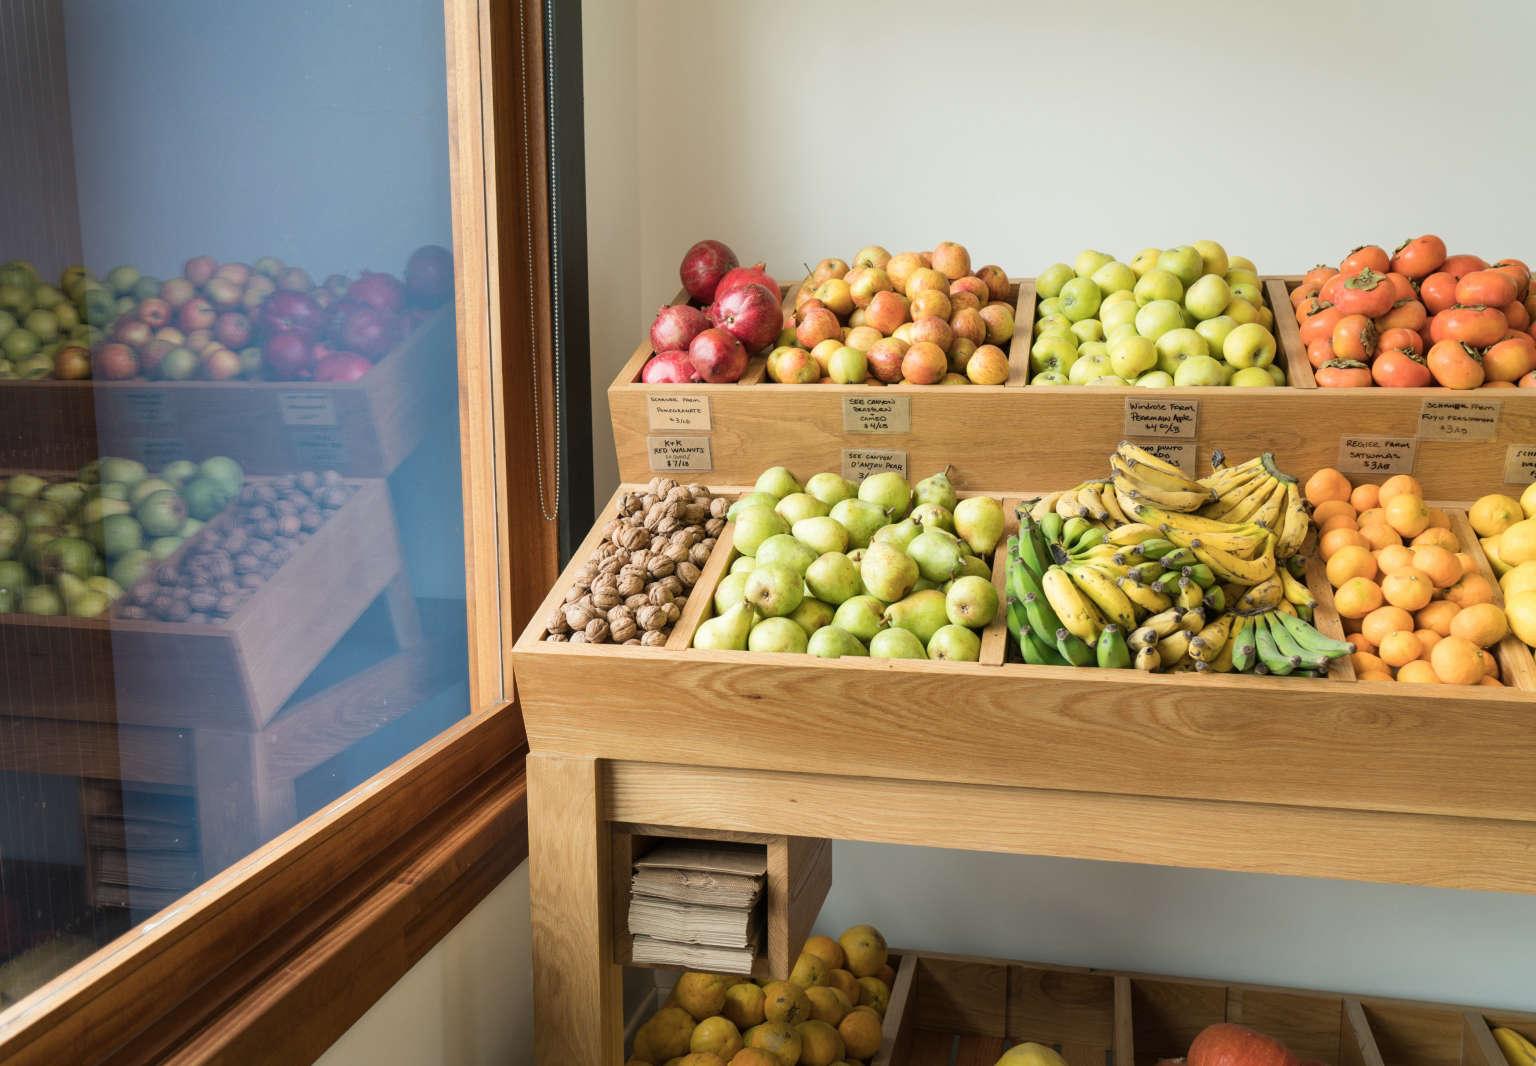 อาหารพวกผักผลไม้บำรุงผิวให้ดีได้จริง